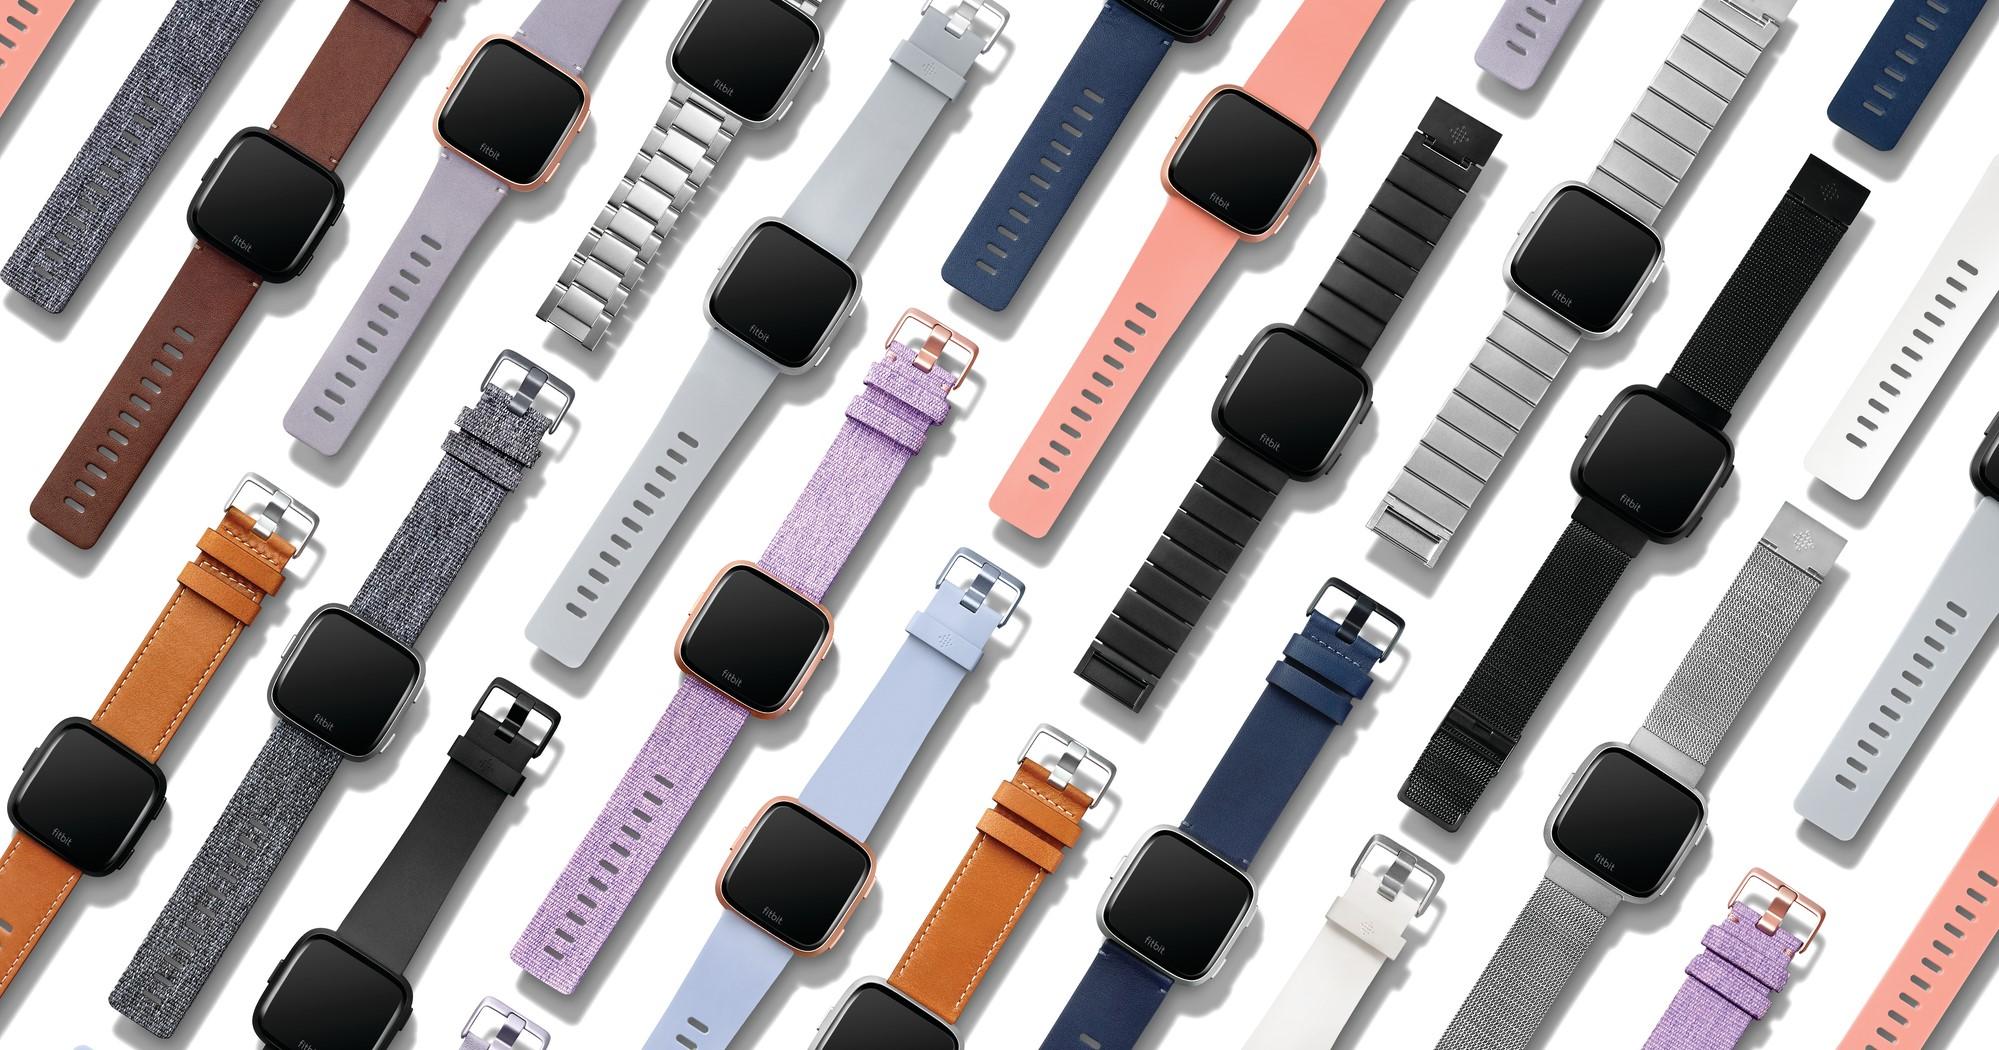 Fitbit's Versa smartwatches